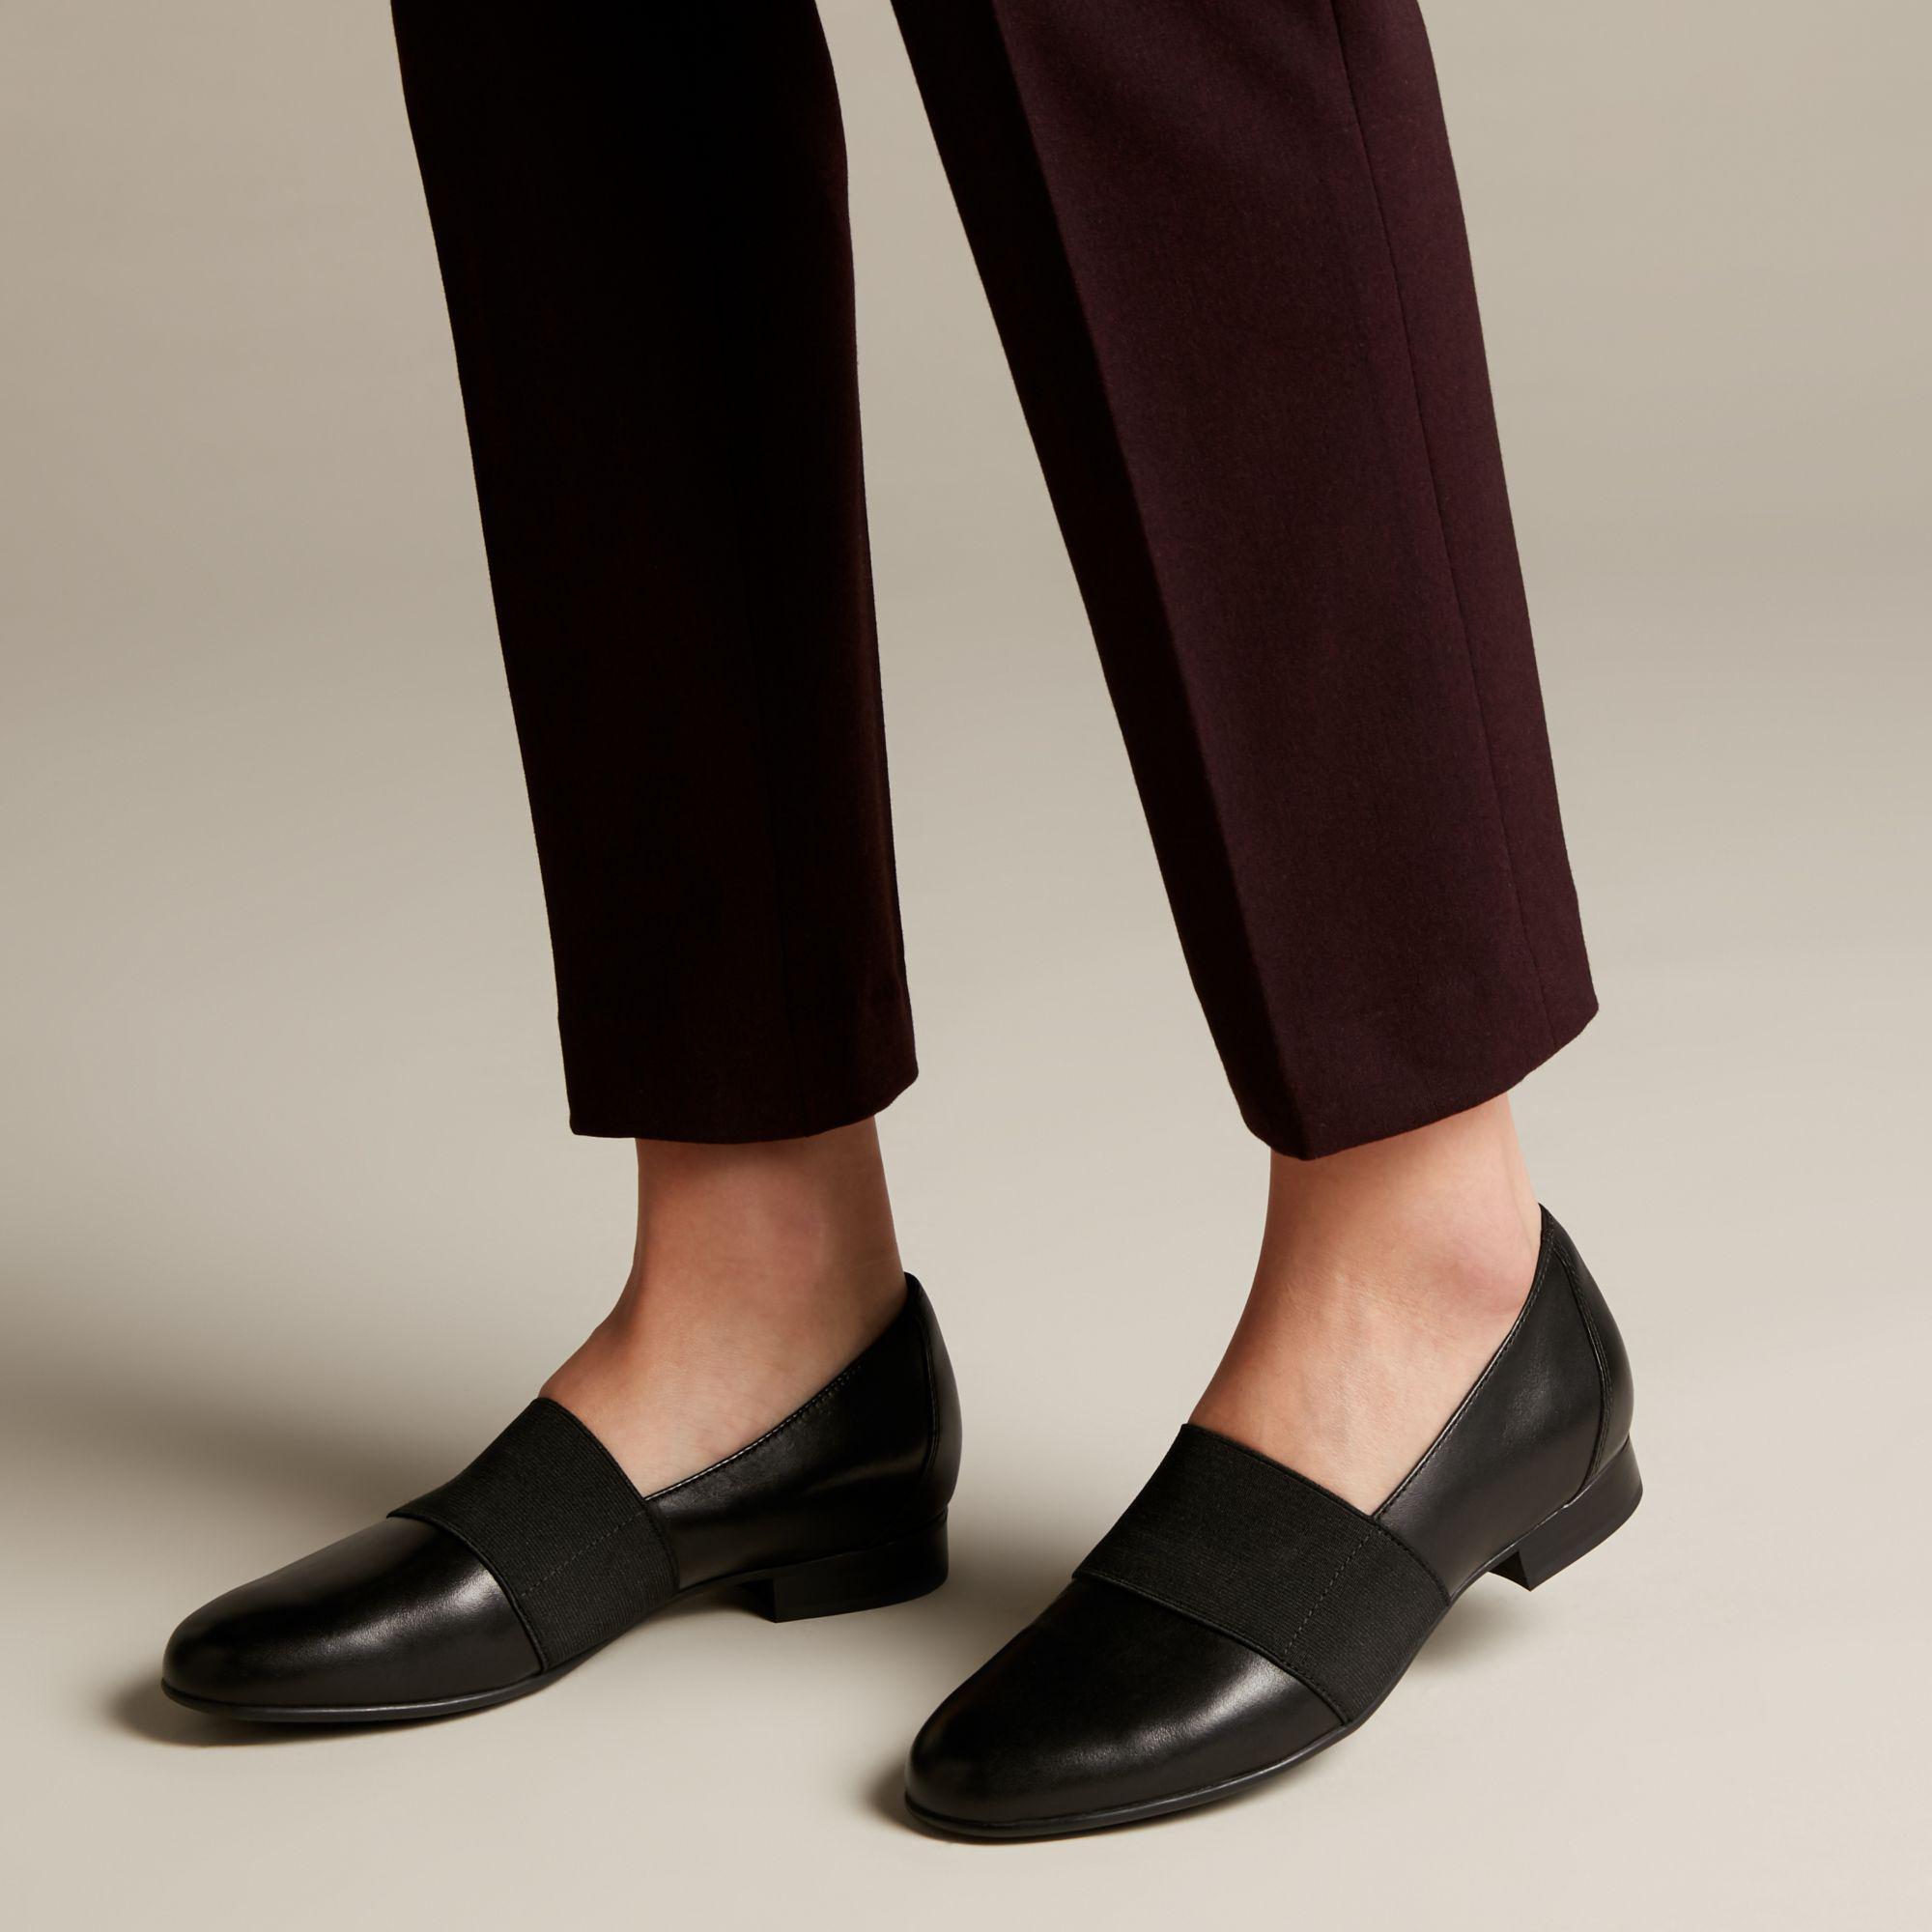 75864f50fdc7e Clarks - Black Un Blush Lo Leather Loafer - Lyst. View fullscreen